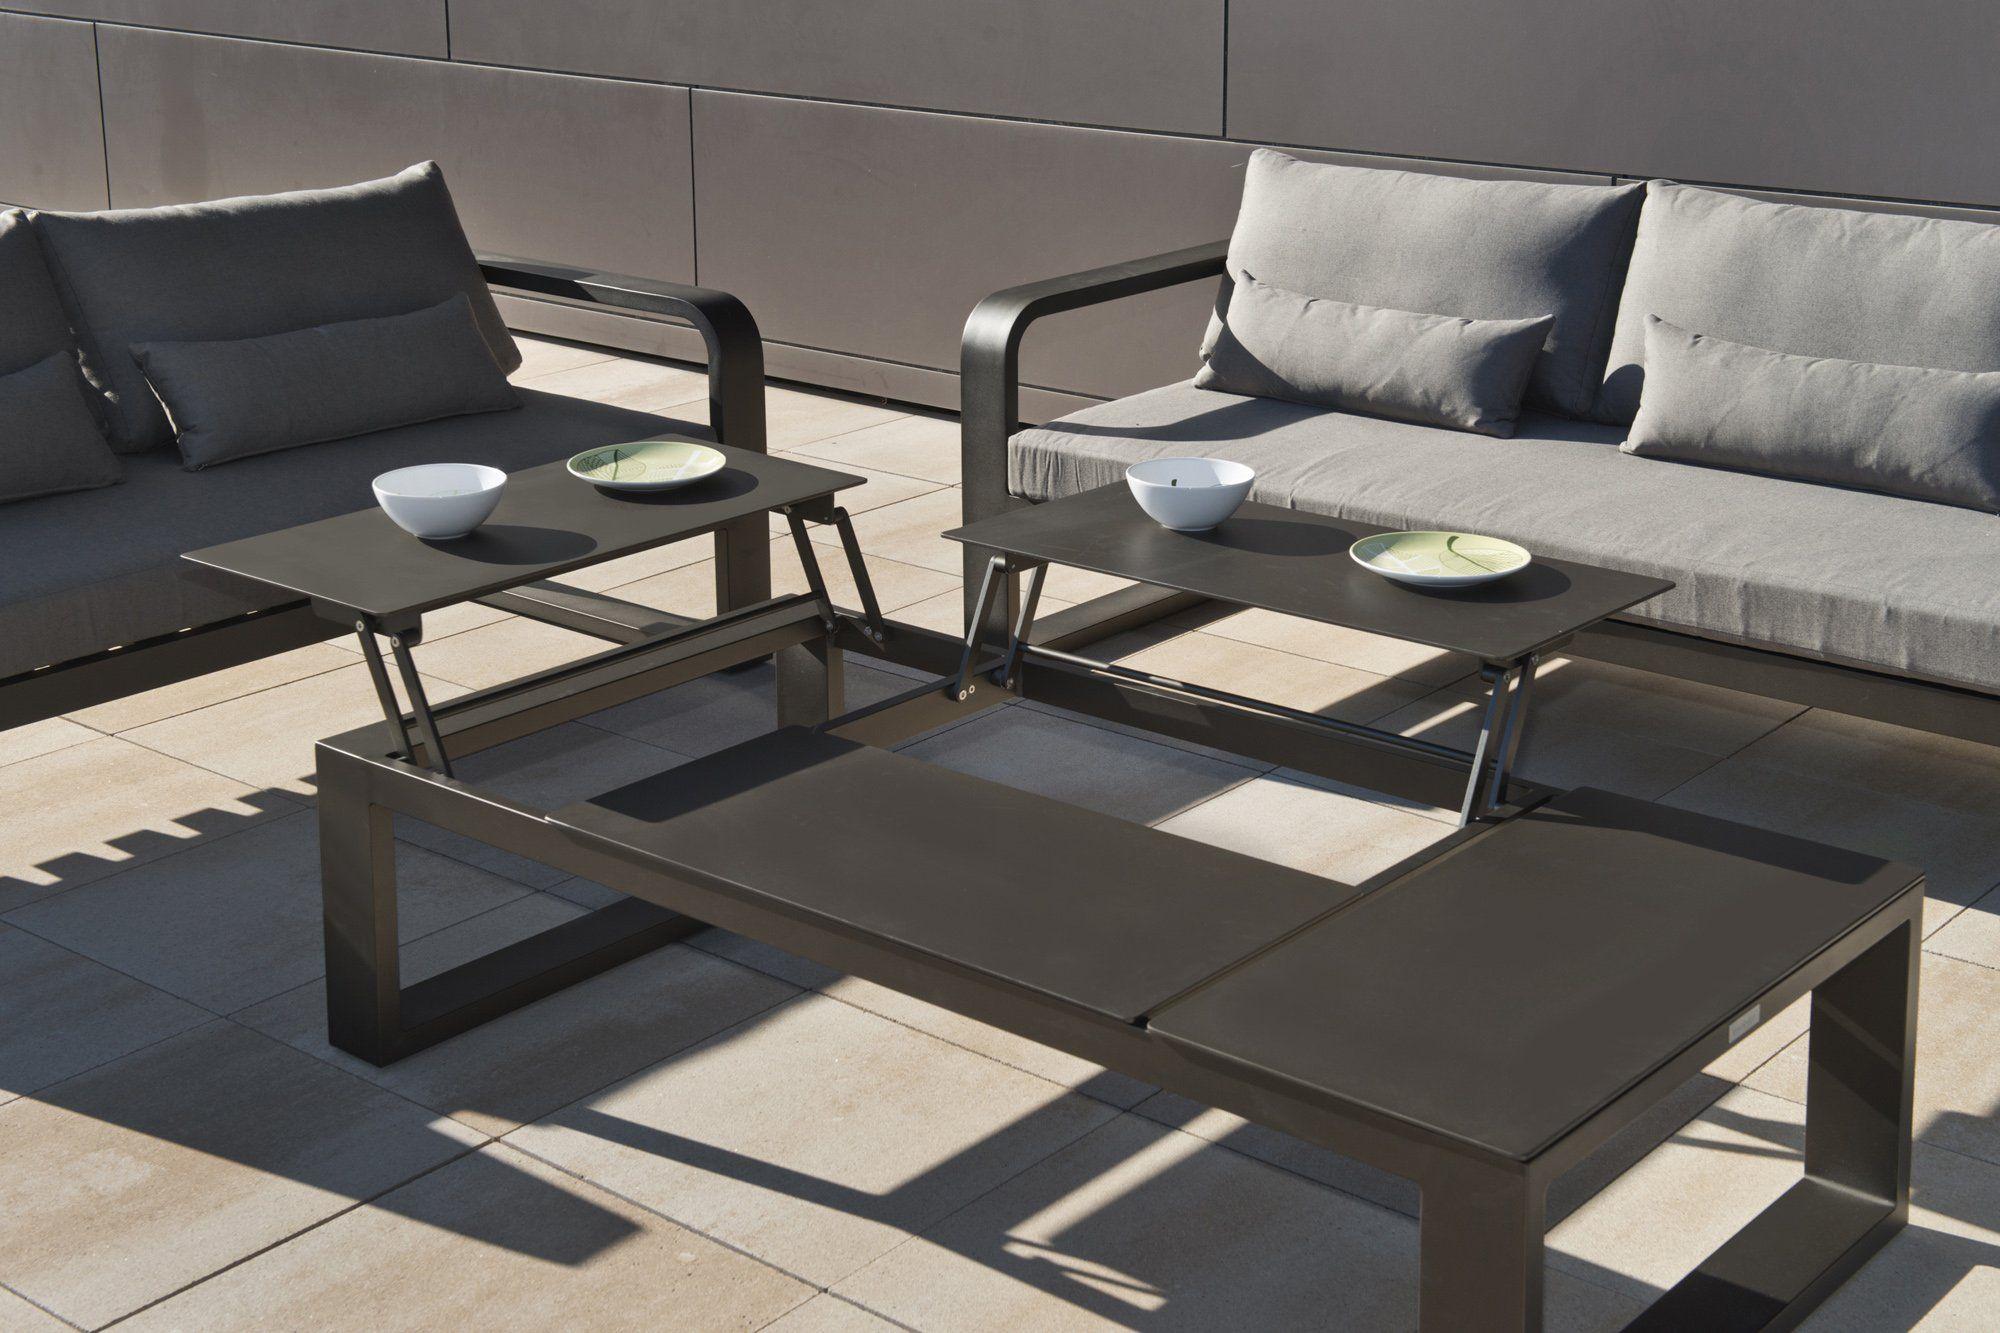 Astonishing Gardenart Is Manufacturer Of High End Outdoor Furniture With Inzonedesignstudio Interior Chair Design Inzonedesignstudiocom